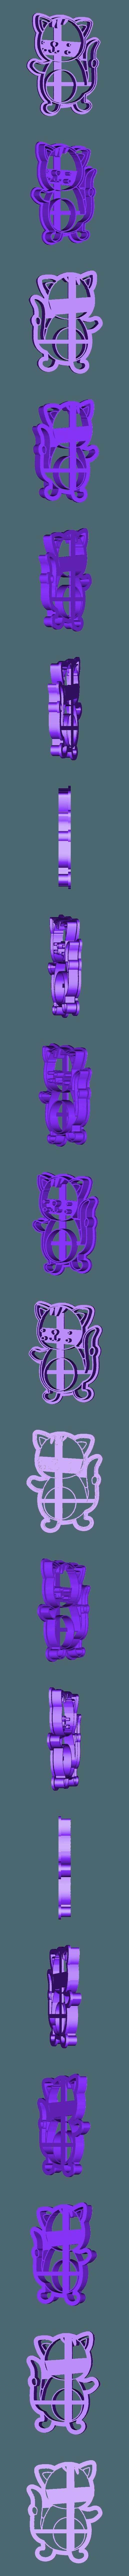 gato.stl Télécharger fichier STL gratuit CAT - EMPORTE-PIÈCE POUR ANIMAUX DE FERME. GATITO - SHORT FONDANT MASS AND CRAIL - 8cm • Objet à imprimer en 3D, Agos3D